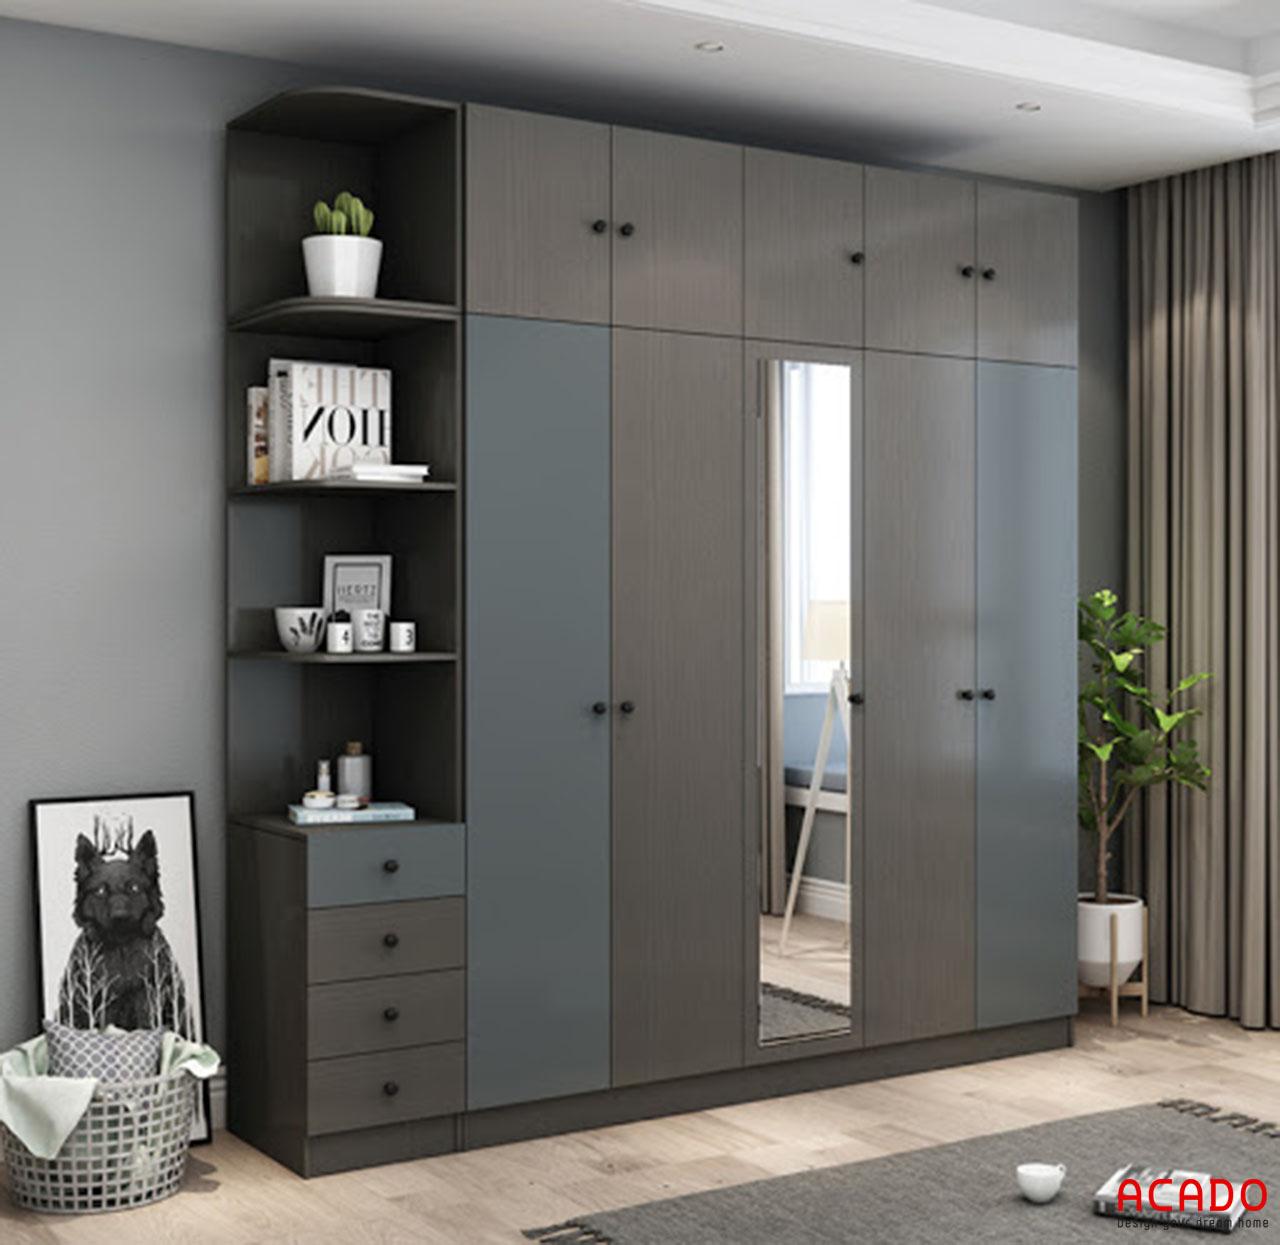 Tủ quần áo Acrylic gỗ công nghiệp có kết hợp gương soi tiện lợi